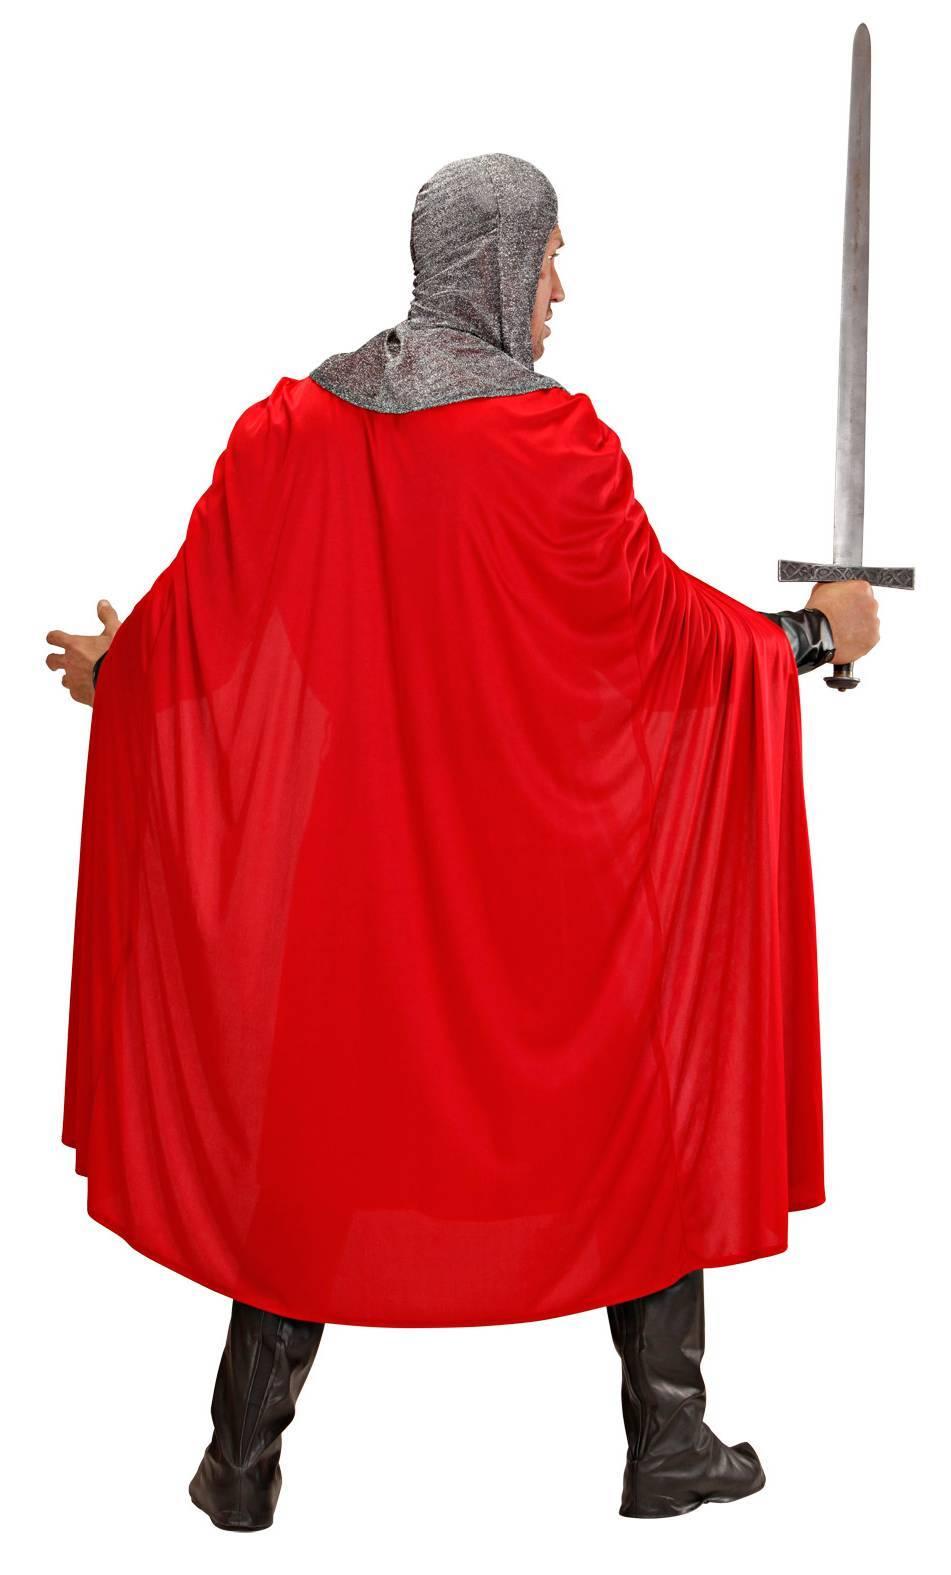 Costume-Chevalier-Croisé-Templier-Homme-2